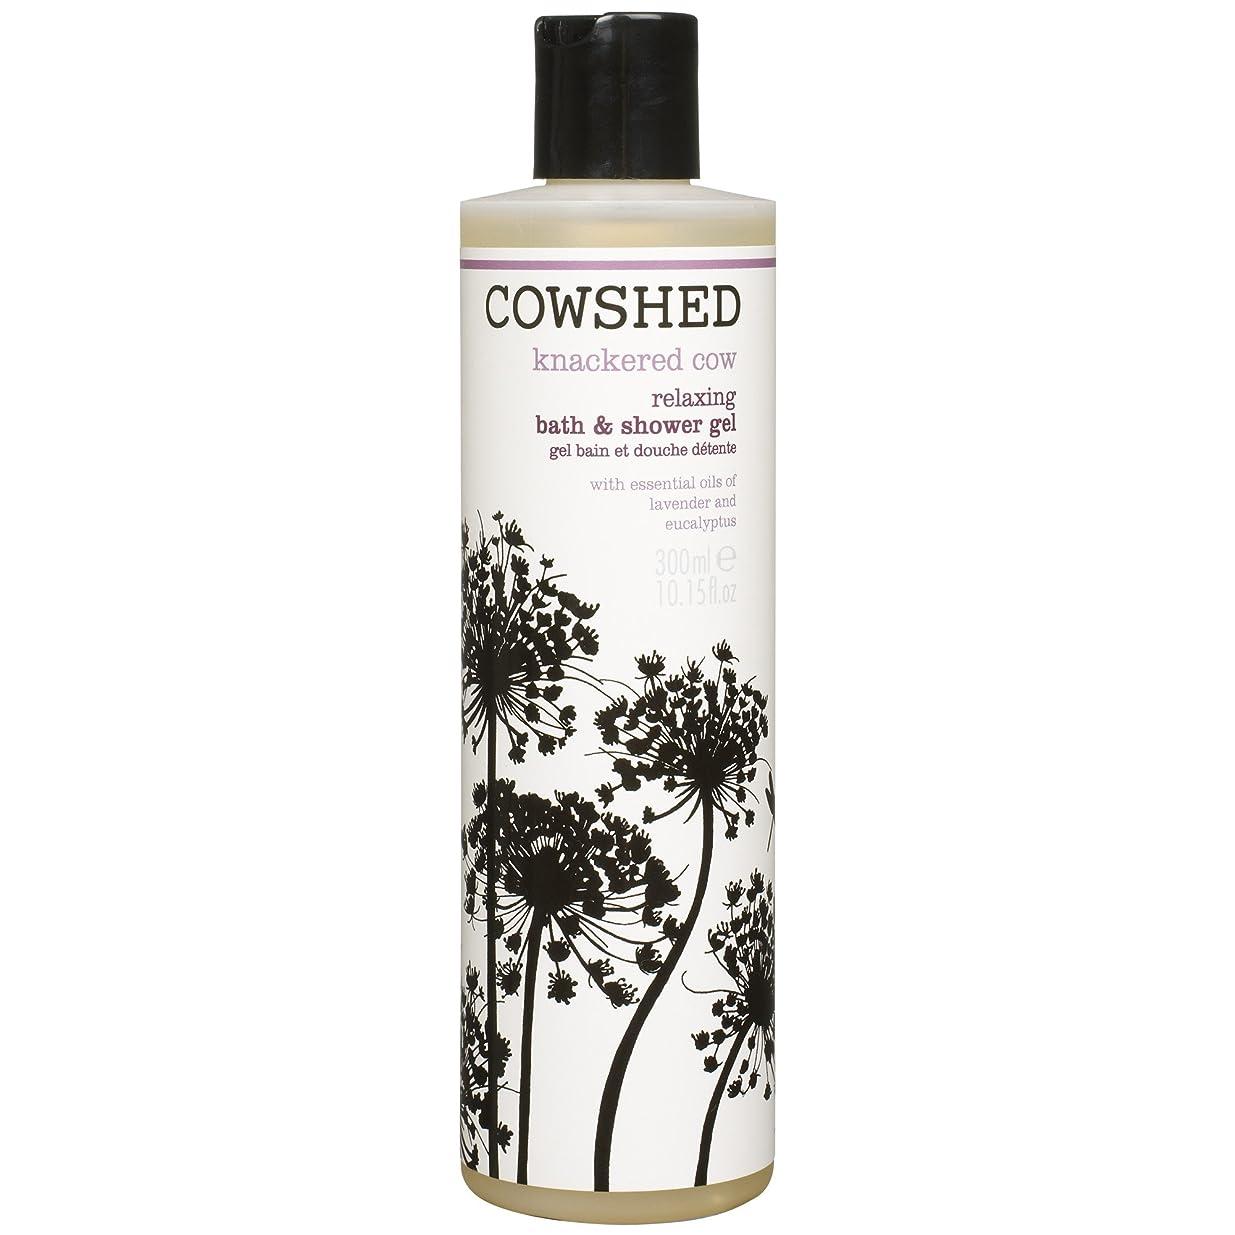 ファンネルウェブスパイダー不機嫌そうな迫害する牛舎は、バス&シャワージェル300ミリリットルを緩和牛をくたくたに疲れました (Cowshed) (x2) - Cowshed Knackered Cow Relaxing Bath & Shower Gel 300ml (Pack of 2) [並行輸入品]